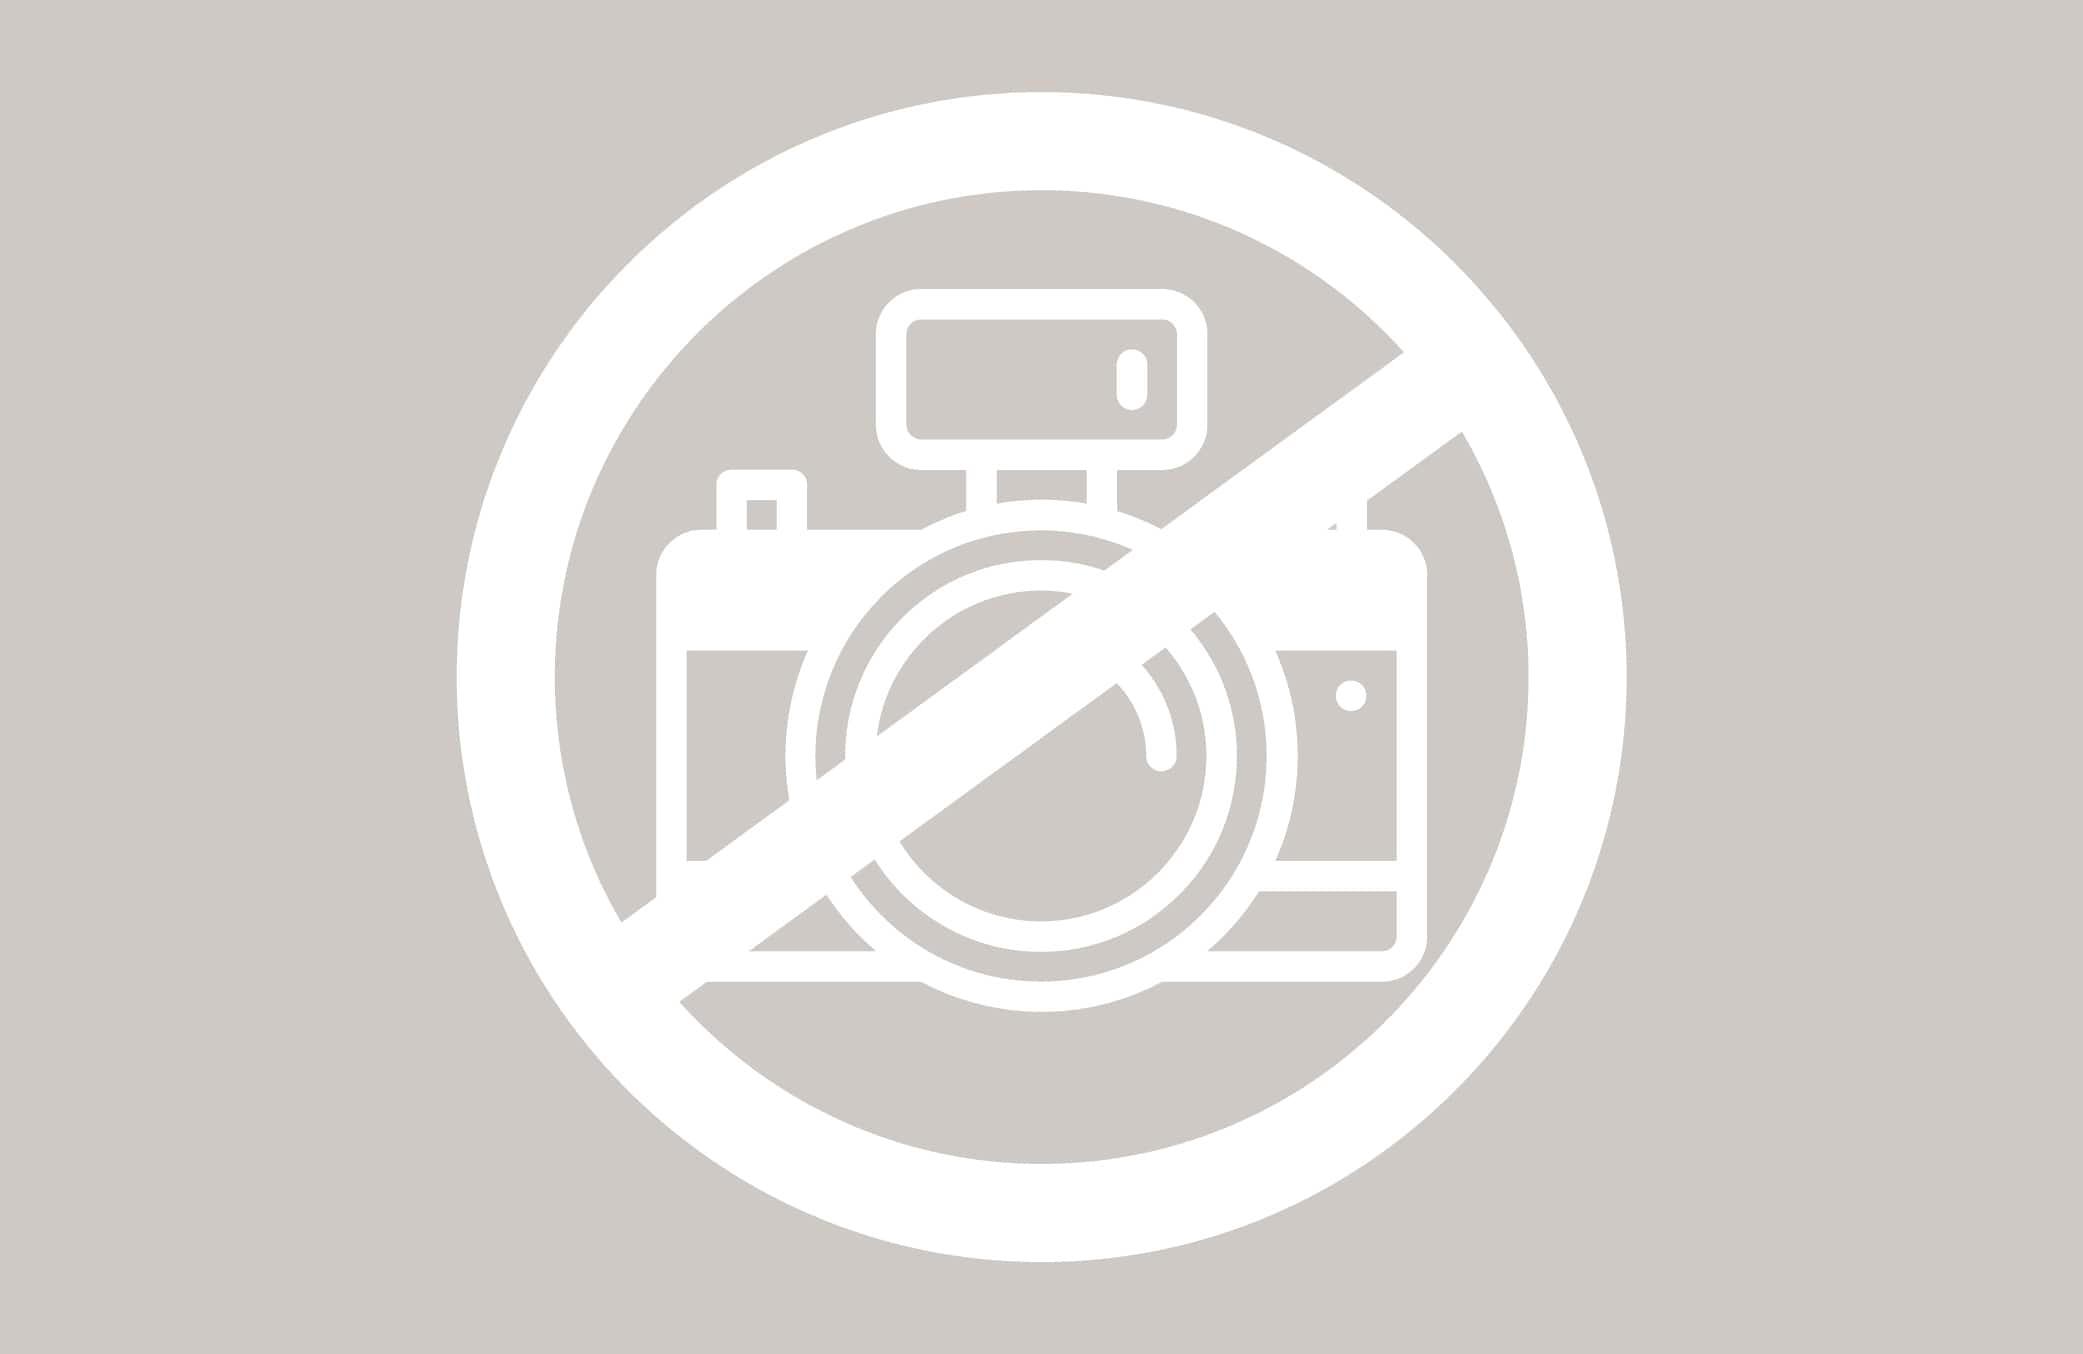 Tout ce qu'il faut savoir sur le droit à l'image. Téléchargez ici les formulaires adaptés aux collectivités.